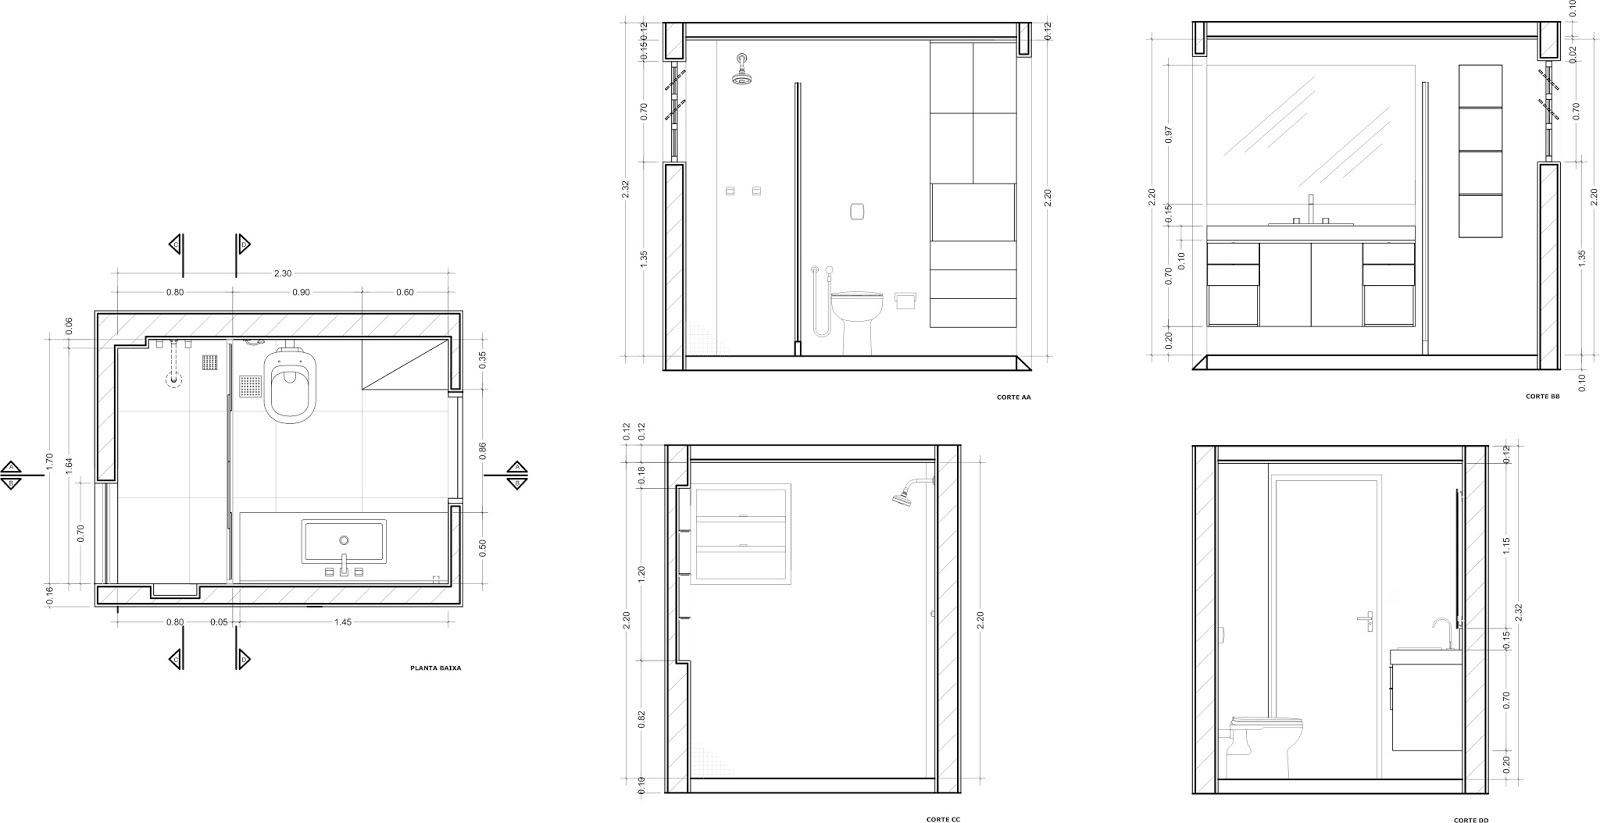 Bancada Para Banheiro Altura Ideal  rinkratmagcom banheiros decorados 20 -> Pia Banheiro Altura Padrao